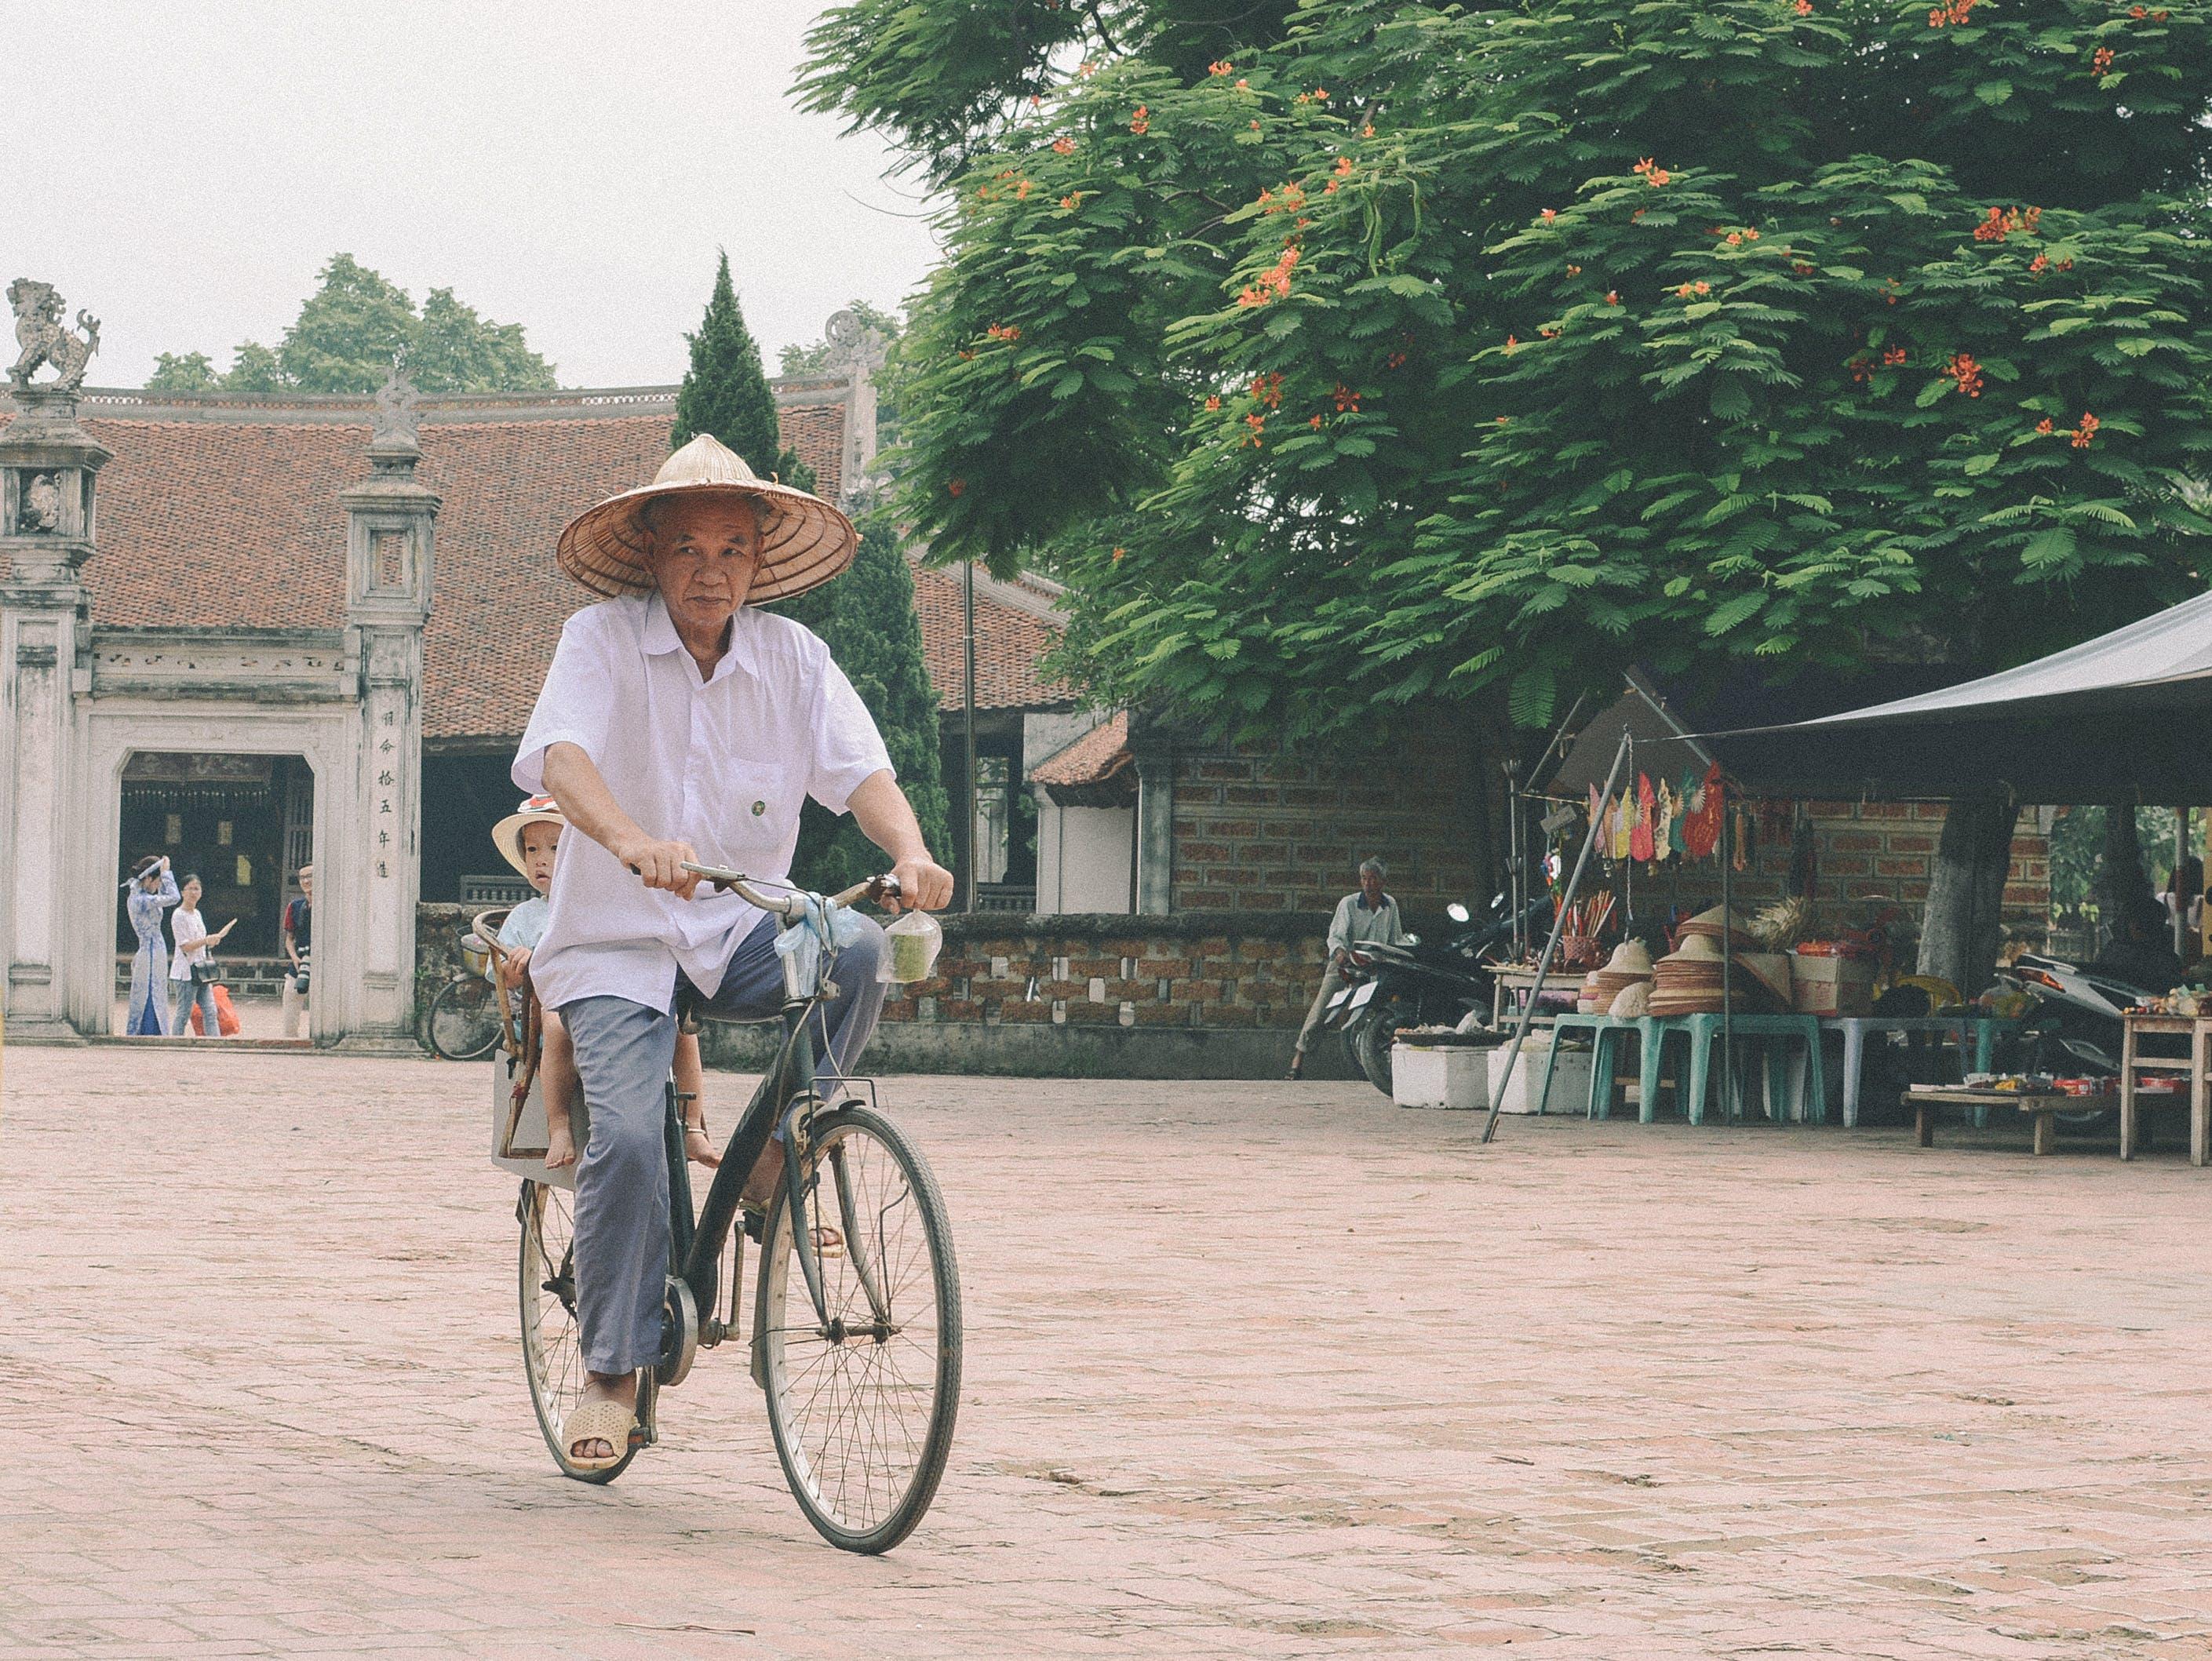 Gratis lagerfoto af asiatiske mennesker, barn, cykel, dagslys